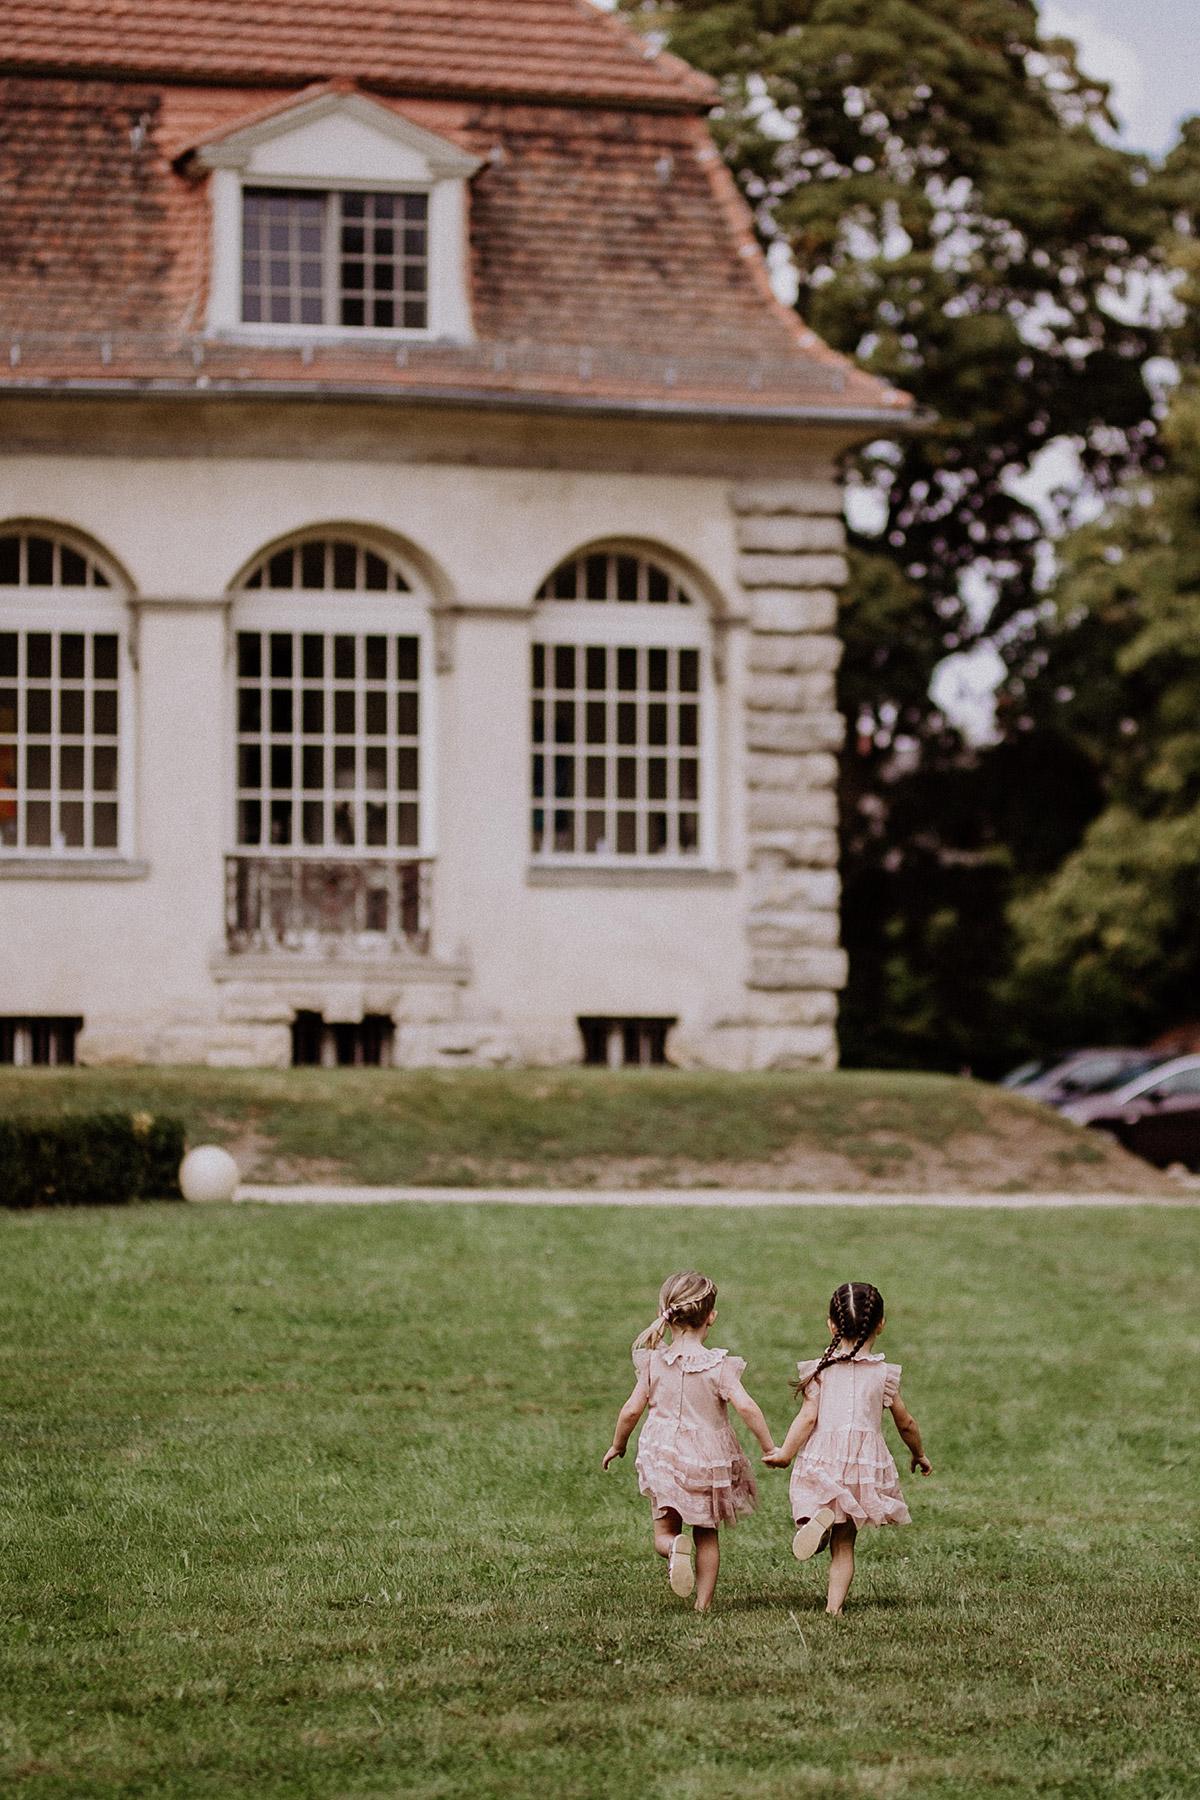 Sommerhochzeit im Freien - Schloss Kartzow Potsdam Hochzeitsfotograf © www.hochzeitslicht.de